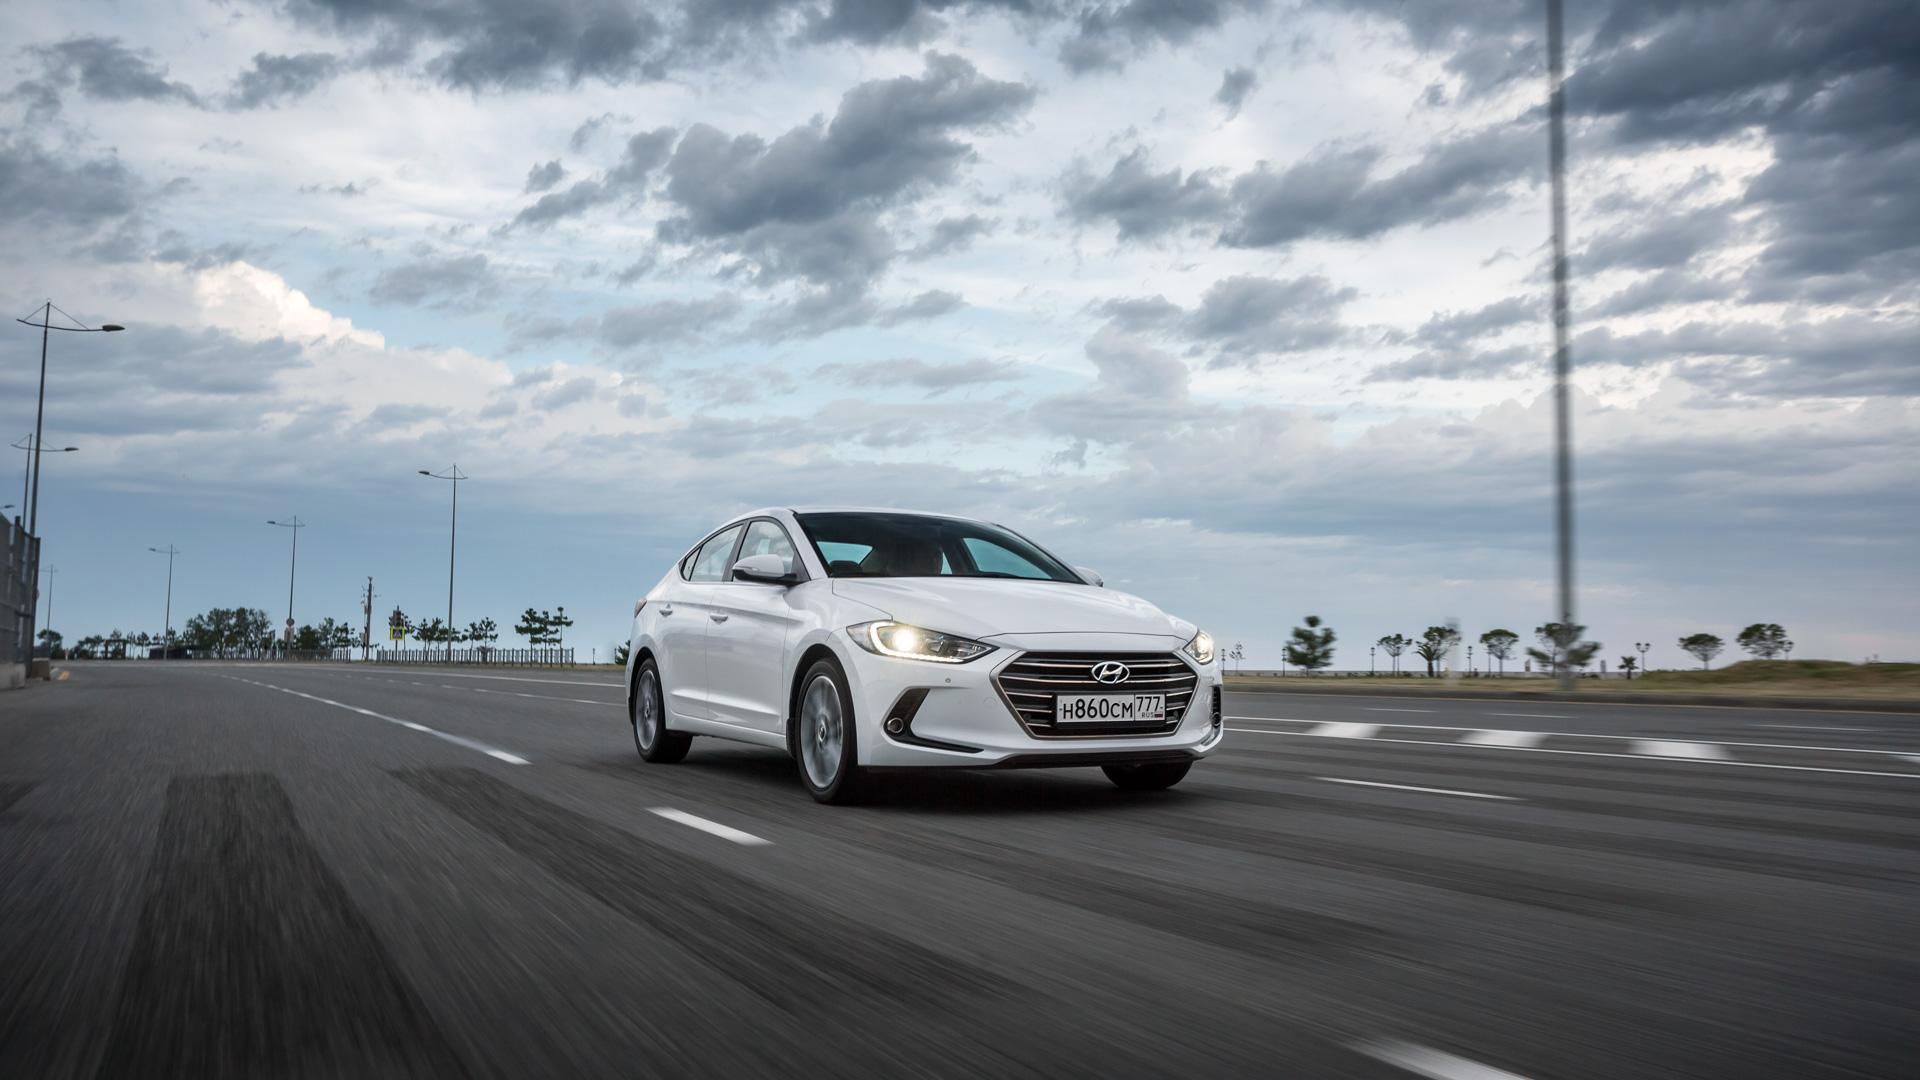 Тест-драйв нового седана Hyundai Elantra. Действительно нового. Фото 6